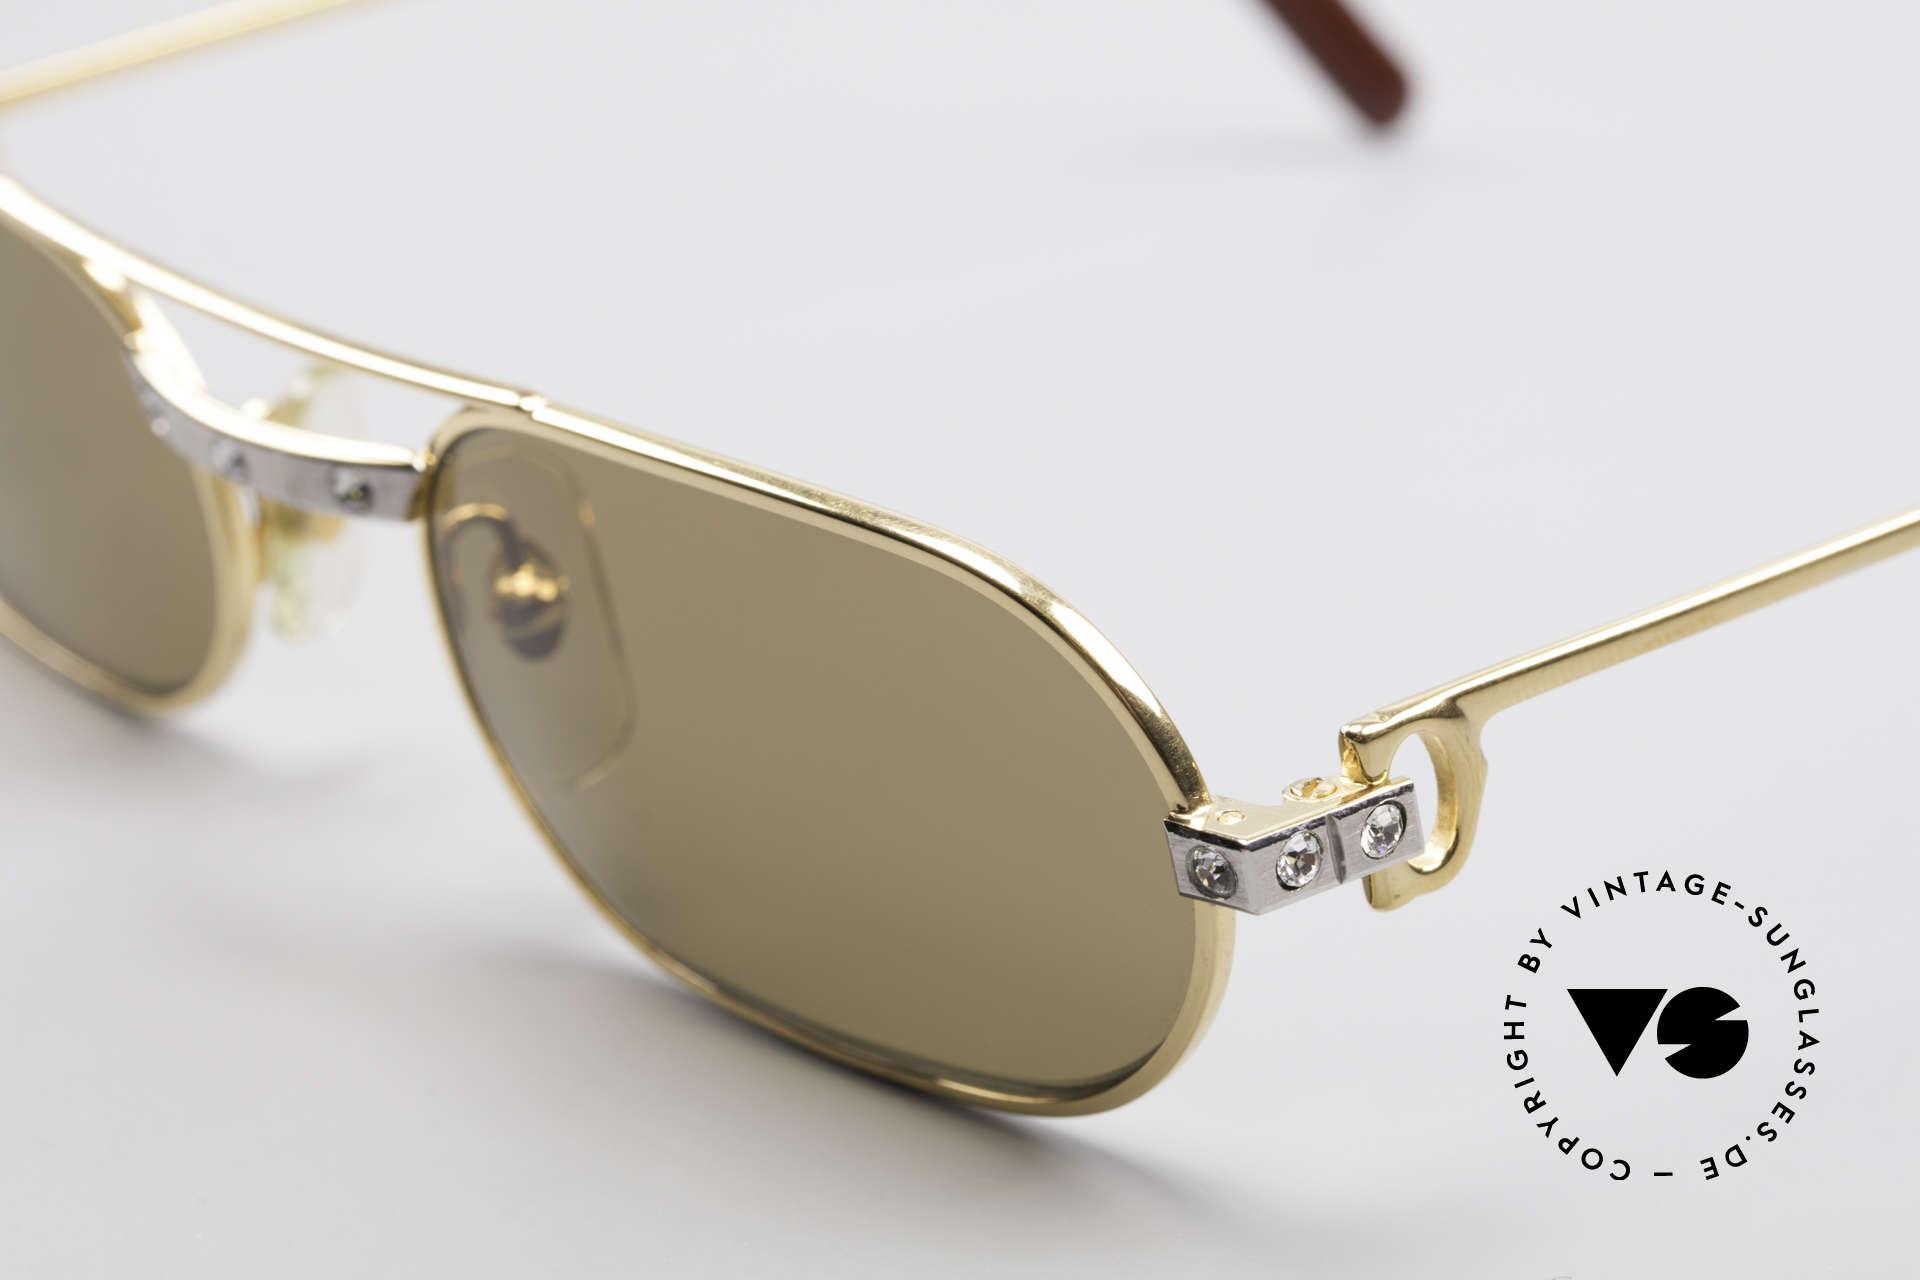 Cartier Must Santos - S Customized Crystal Edition, ein funkelndes Einzelstück in SMALL Größe 53-20, 130, Passend für Herren und Damen